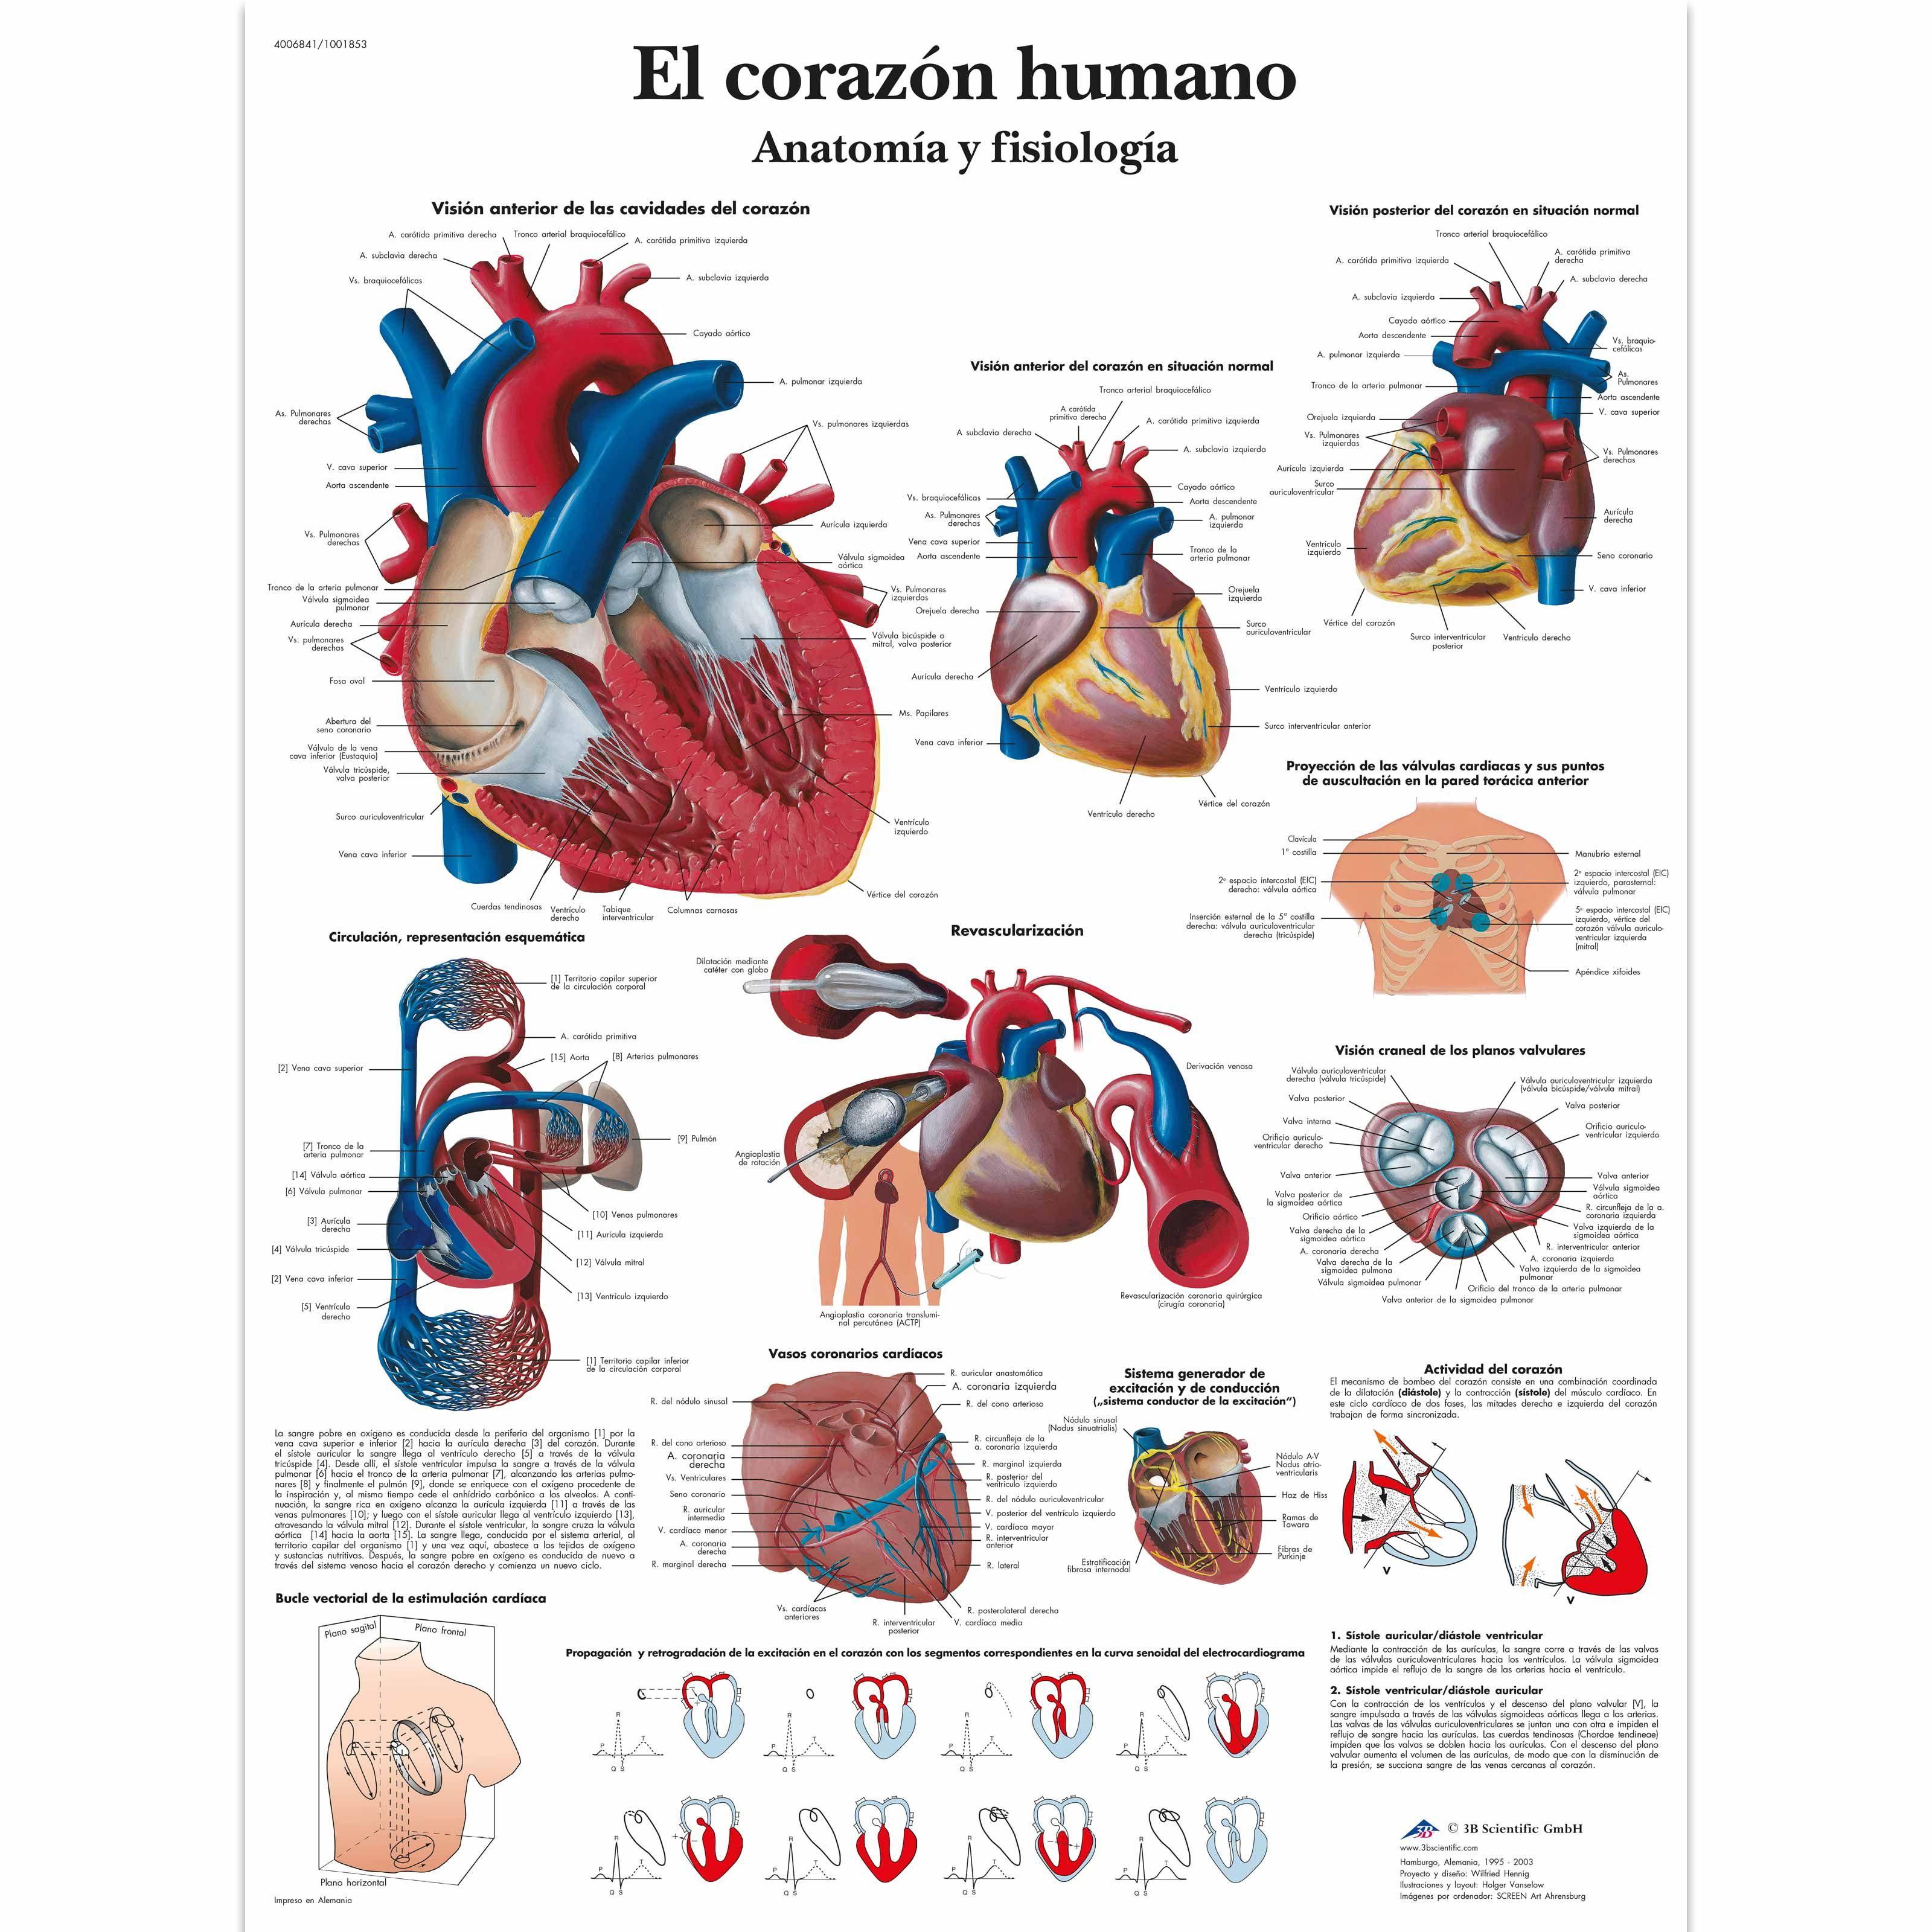 VR3334L_01_3200_3200_El-corazon-humano-Anatomia-y-fisiologia.jpg ...